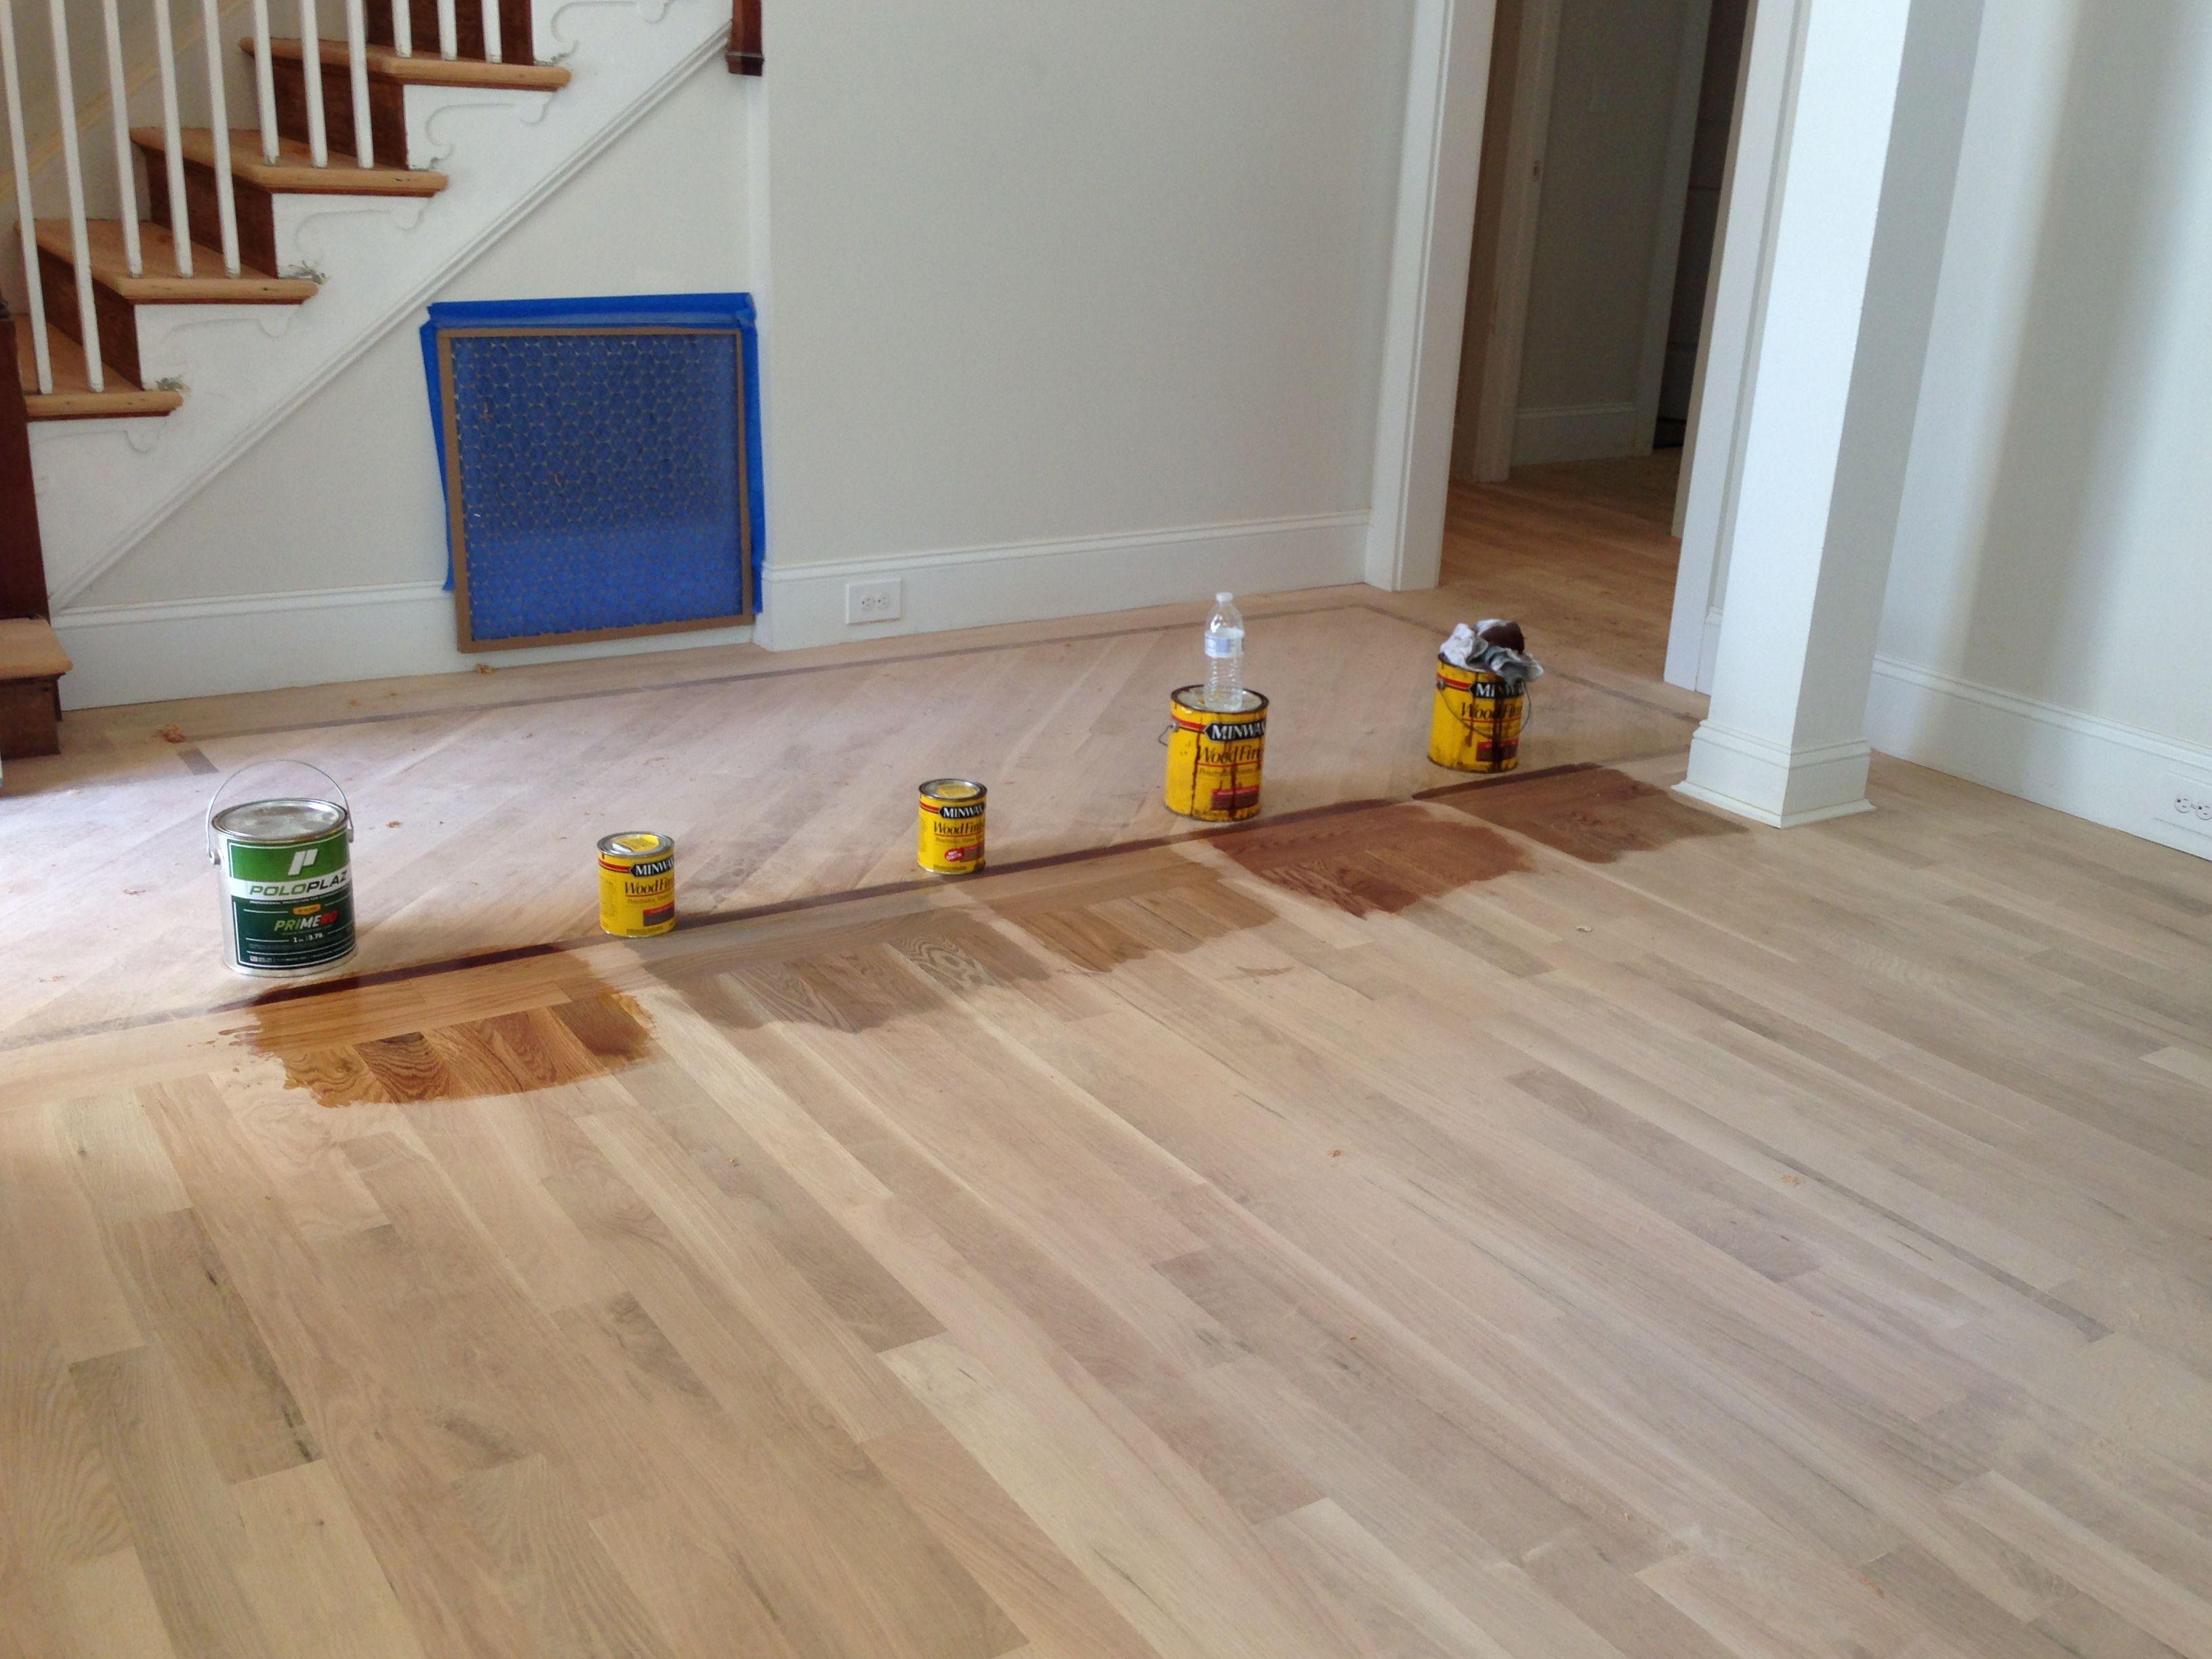 oak floors minwax floor stains for white oak flooring: far left, just polyurethane;  second AHJULOT